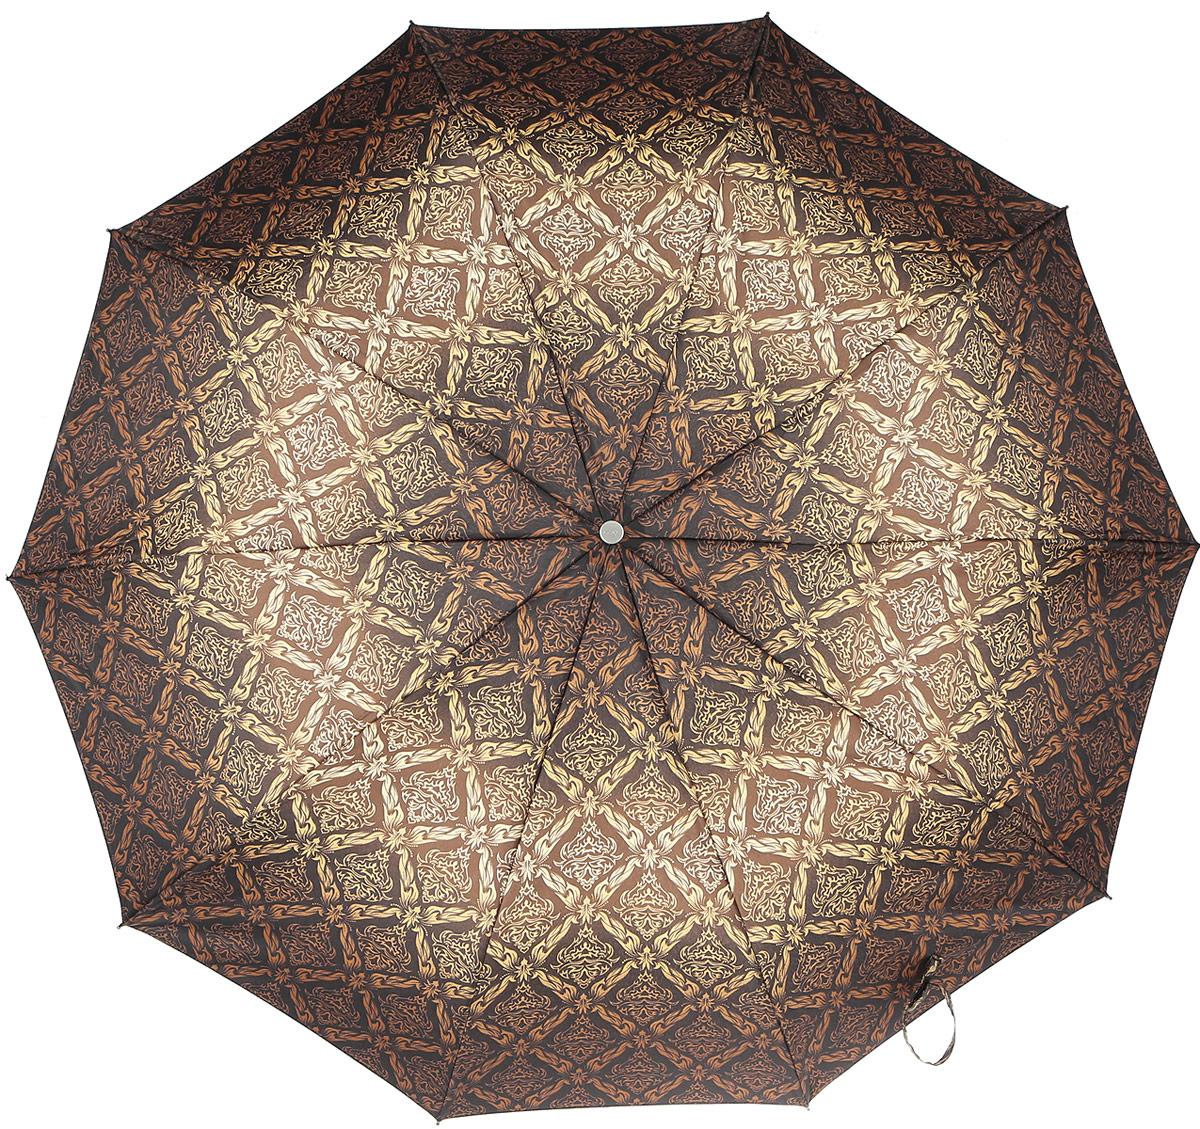 Зонт женский Zest, механический, 5 сложений, цвет: коричневый, желтый. 25518-273125518-2731Компактный женский зонт Zest выполнен из металла, пластика и оформлен ярким принтом. Каркас зонта выполнен из шести спиц на прочном стержне. На концах спиц предусмотрены металлические элементы, которые защитят владельца от травм. Купол зонта изготовлен прочного полиэстера. Закрытый купол застегивается на липучку хлястиком. Практичная рукоятка закругленной формы разработана с учетом требований эргономики и выполнена из пластика. Зонт складывается и раскладывается механическим способом. Такой зонт не только надежно защитит от дождя, но и станет стильным аксессуаром.